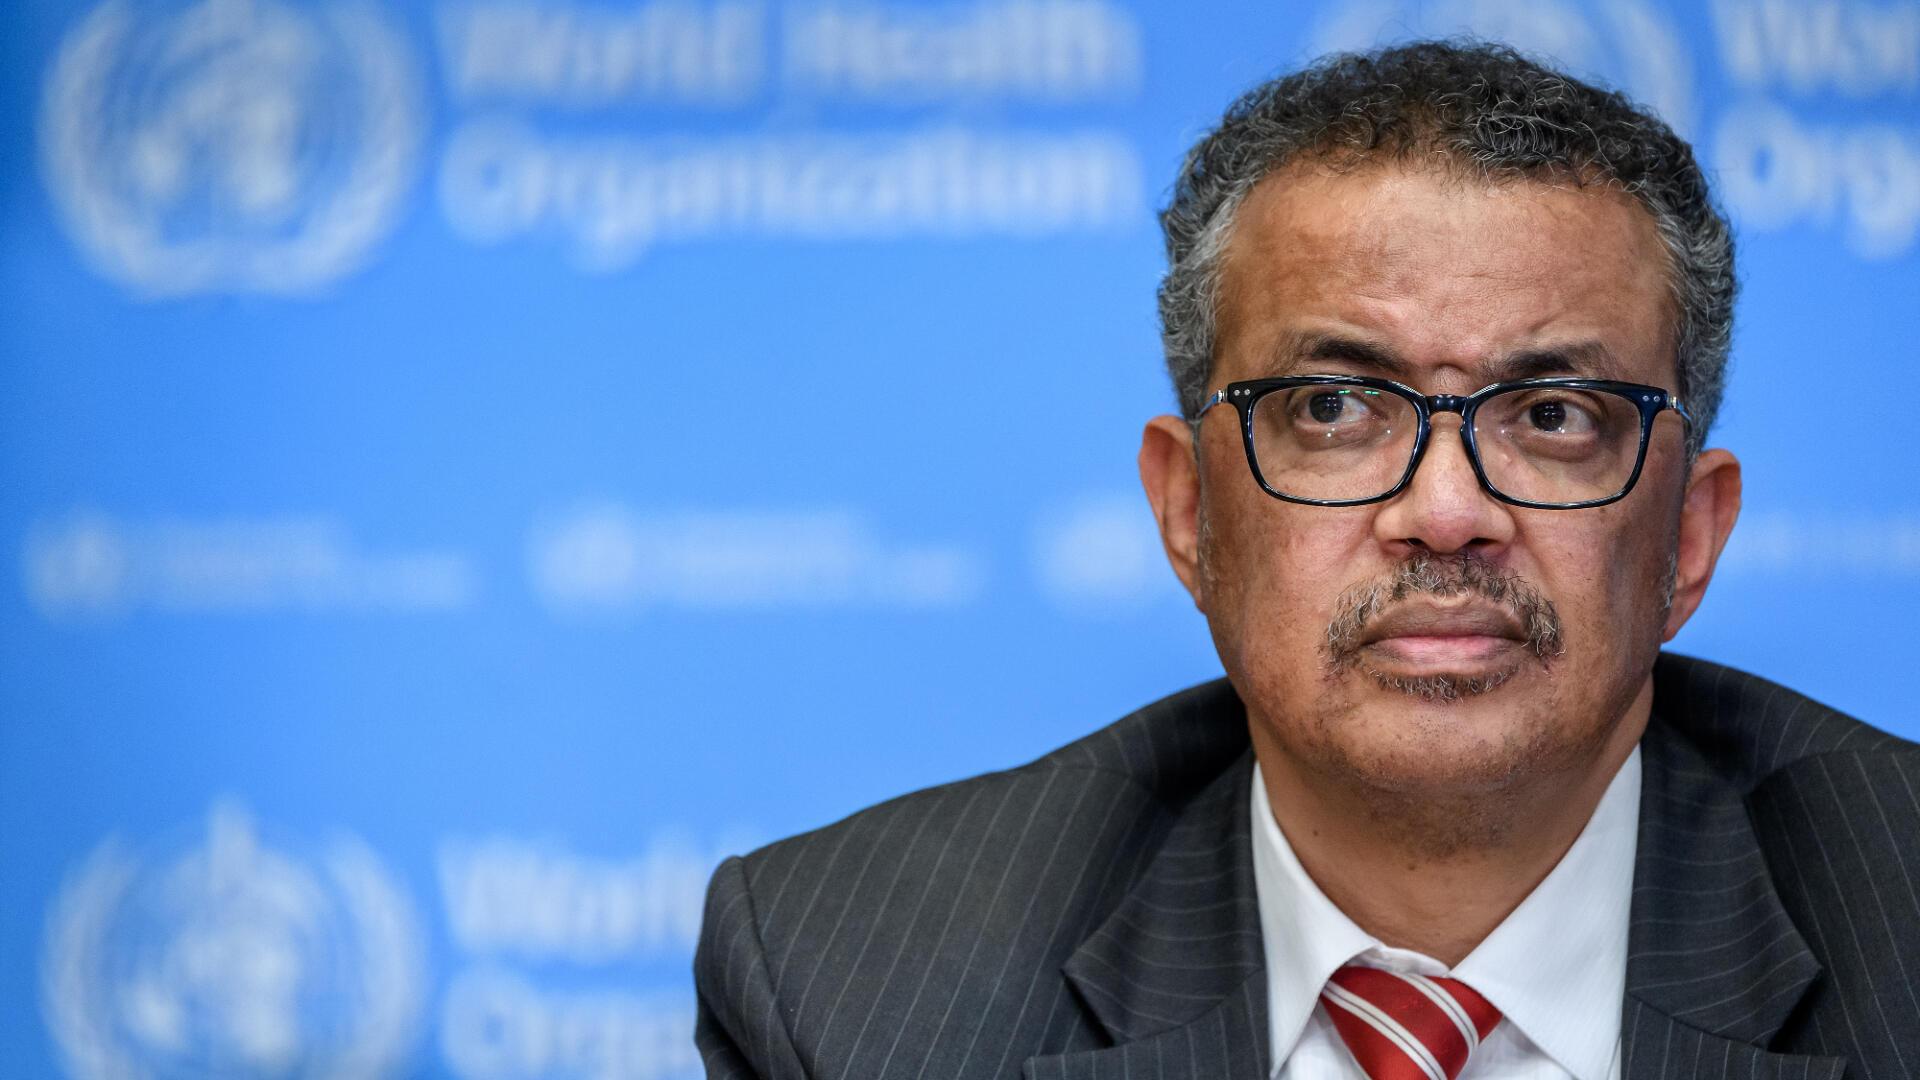 Le directeur général de l'OMS Tedros Adhanom Ghebreyesus en conférence de presse à Genève, en Suisse, le 11 mars 2020.